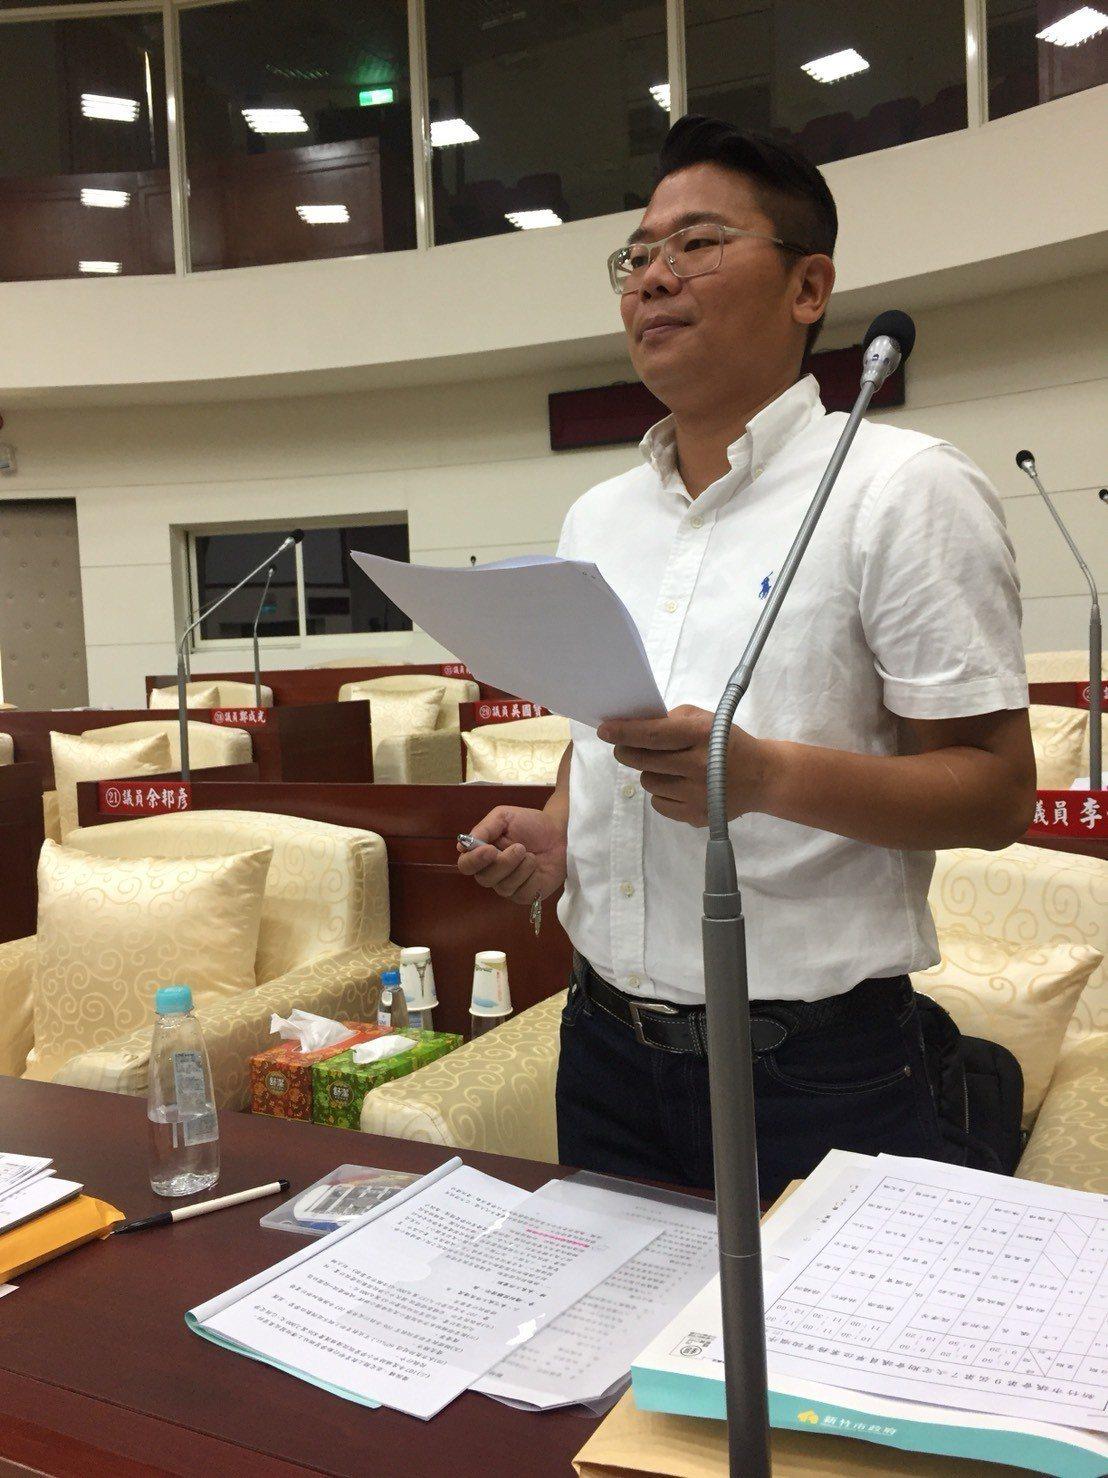 新竹市政府社會處提供「同步聽打服務」,聽障者新竹市議員林盈徹申請後,首次在新竹市...